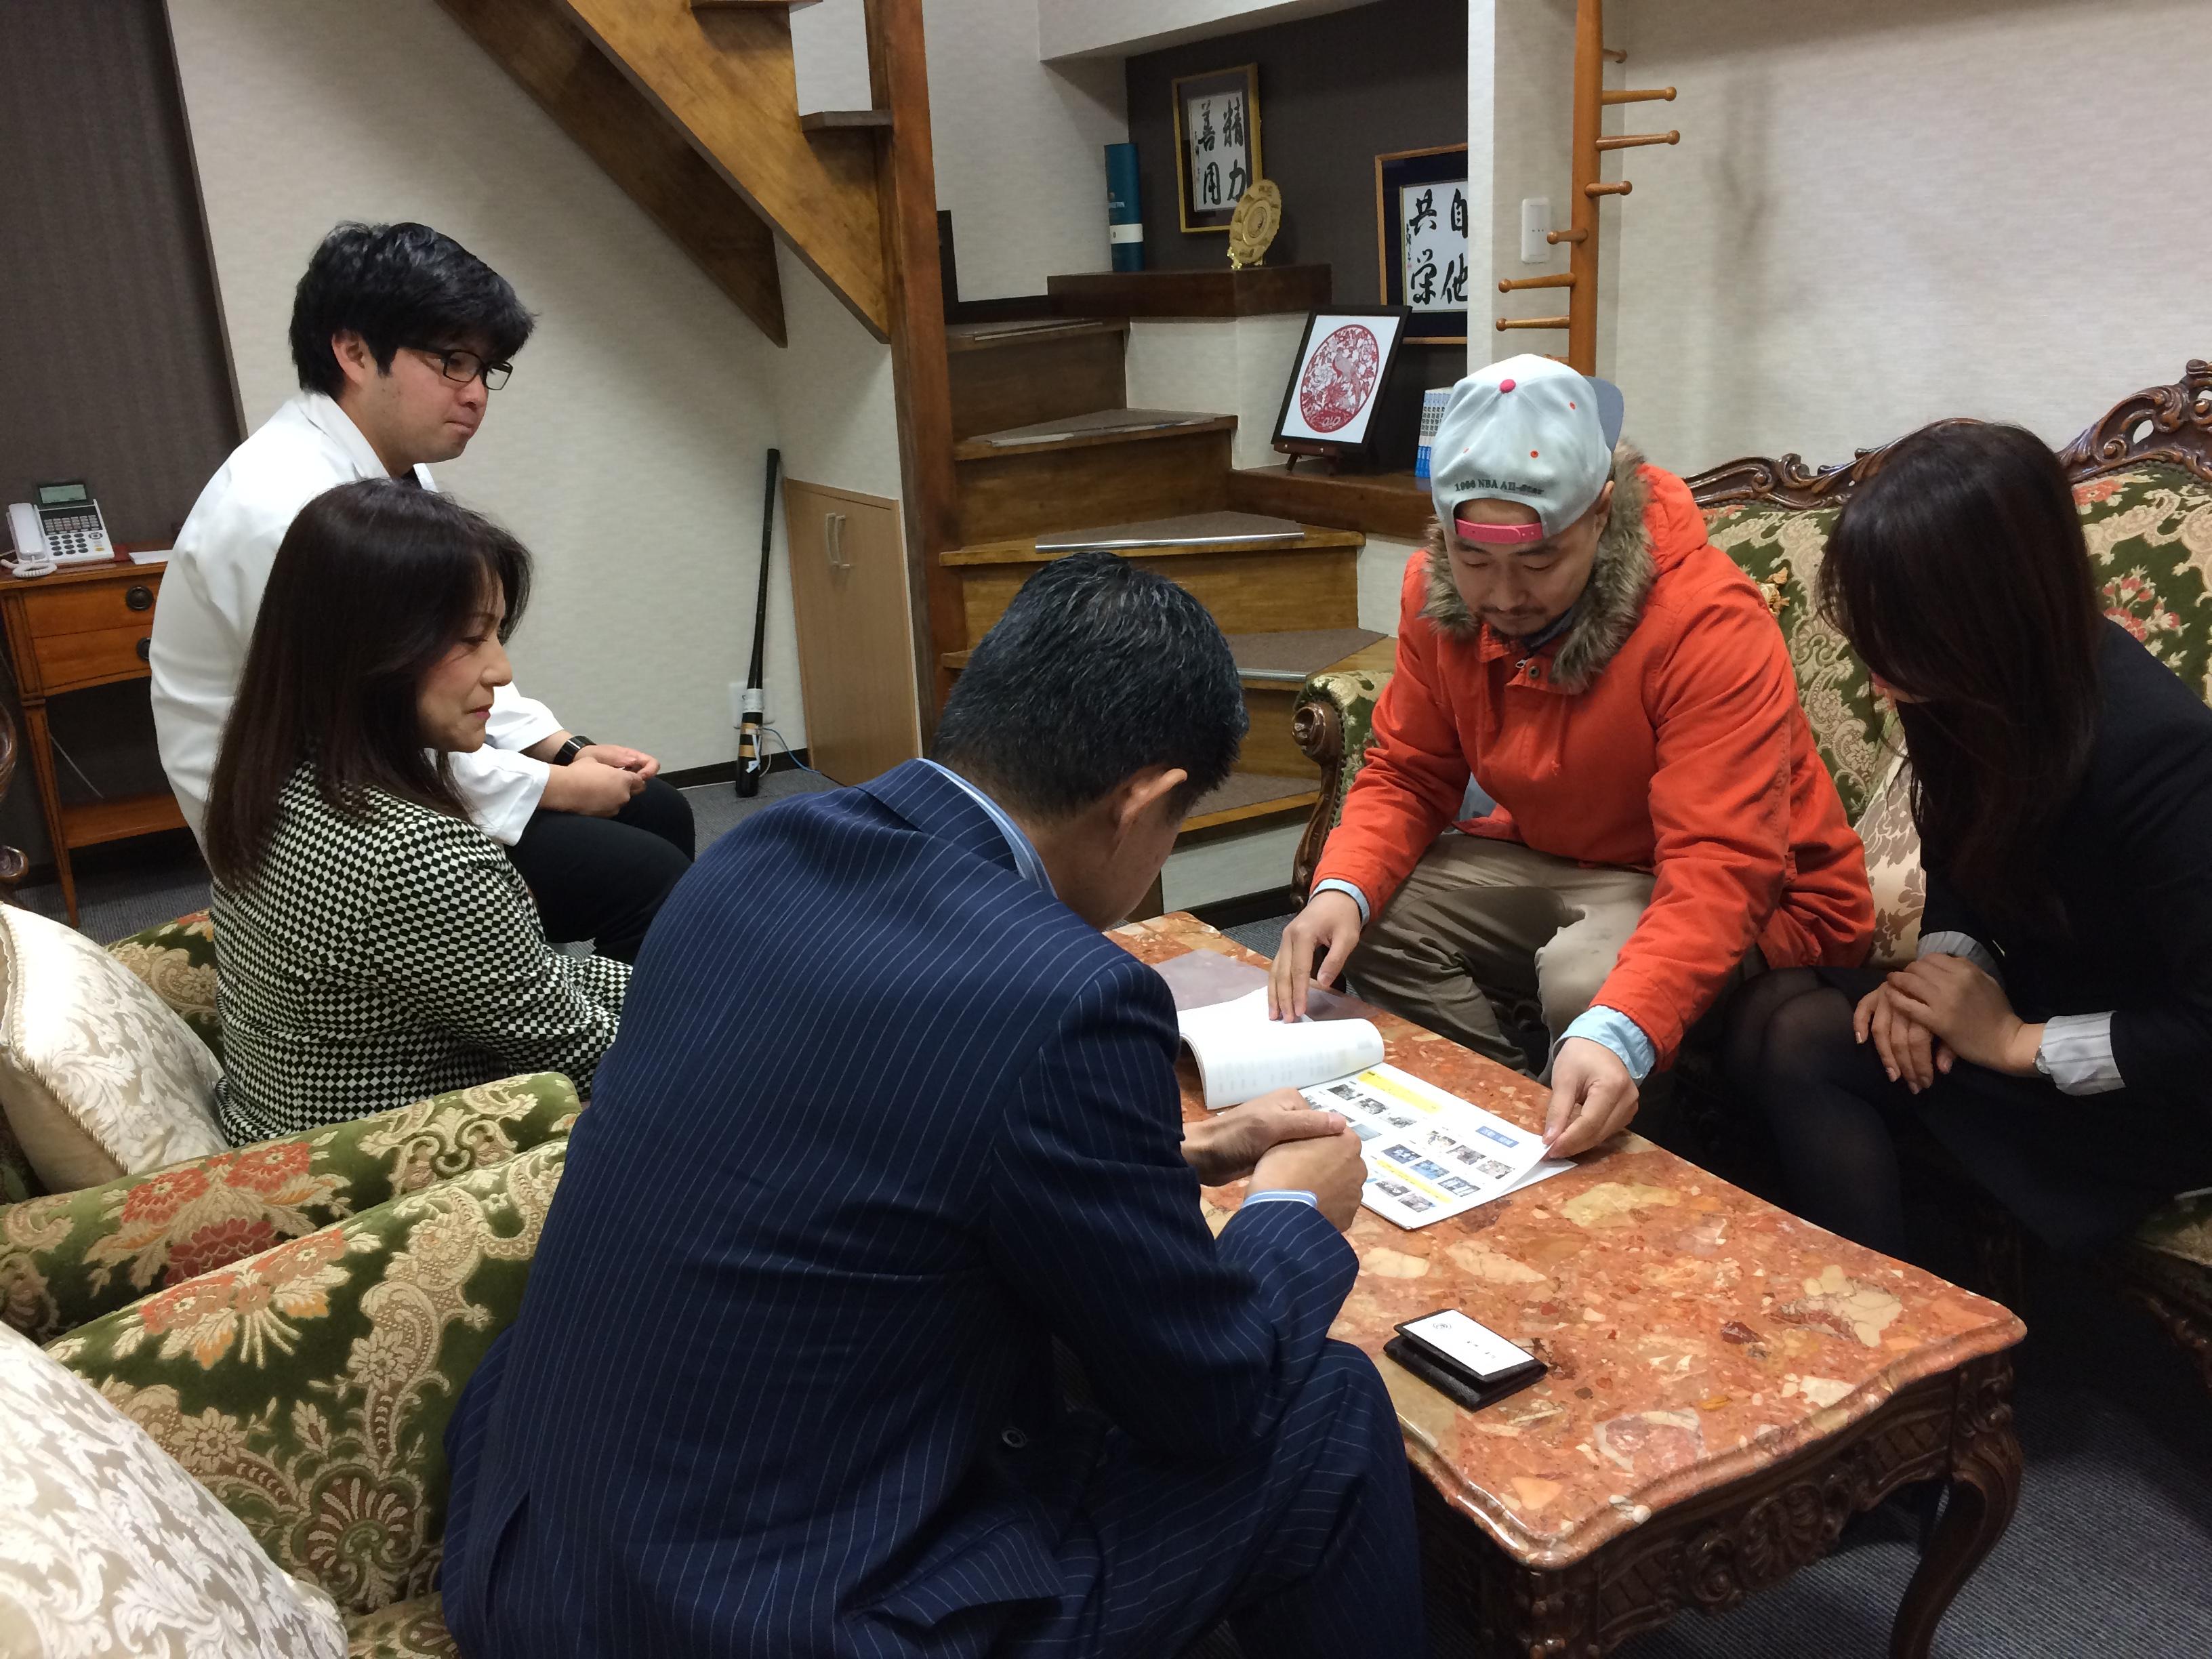 キングダムバスケットボールアカデミー代表 金井善哲 選手が訪問されました。人気のある記事カテゴリー近畿医専からのお知らせ柔道整復師・鍼灸師という仕事アーカイブ